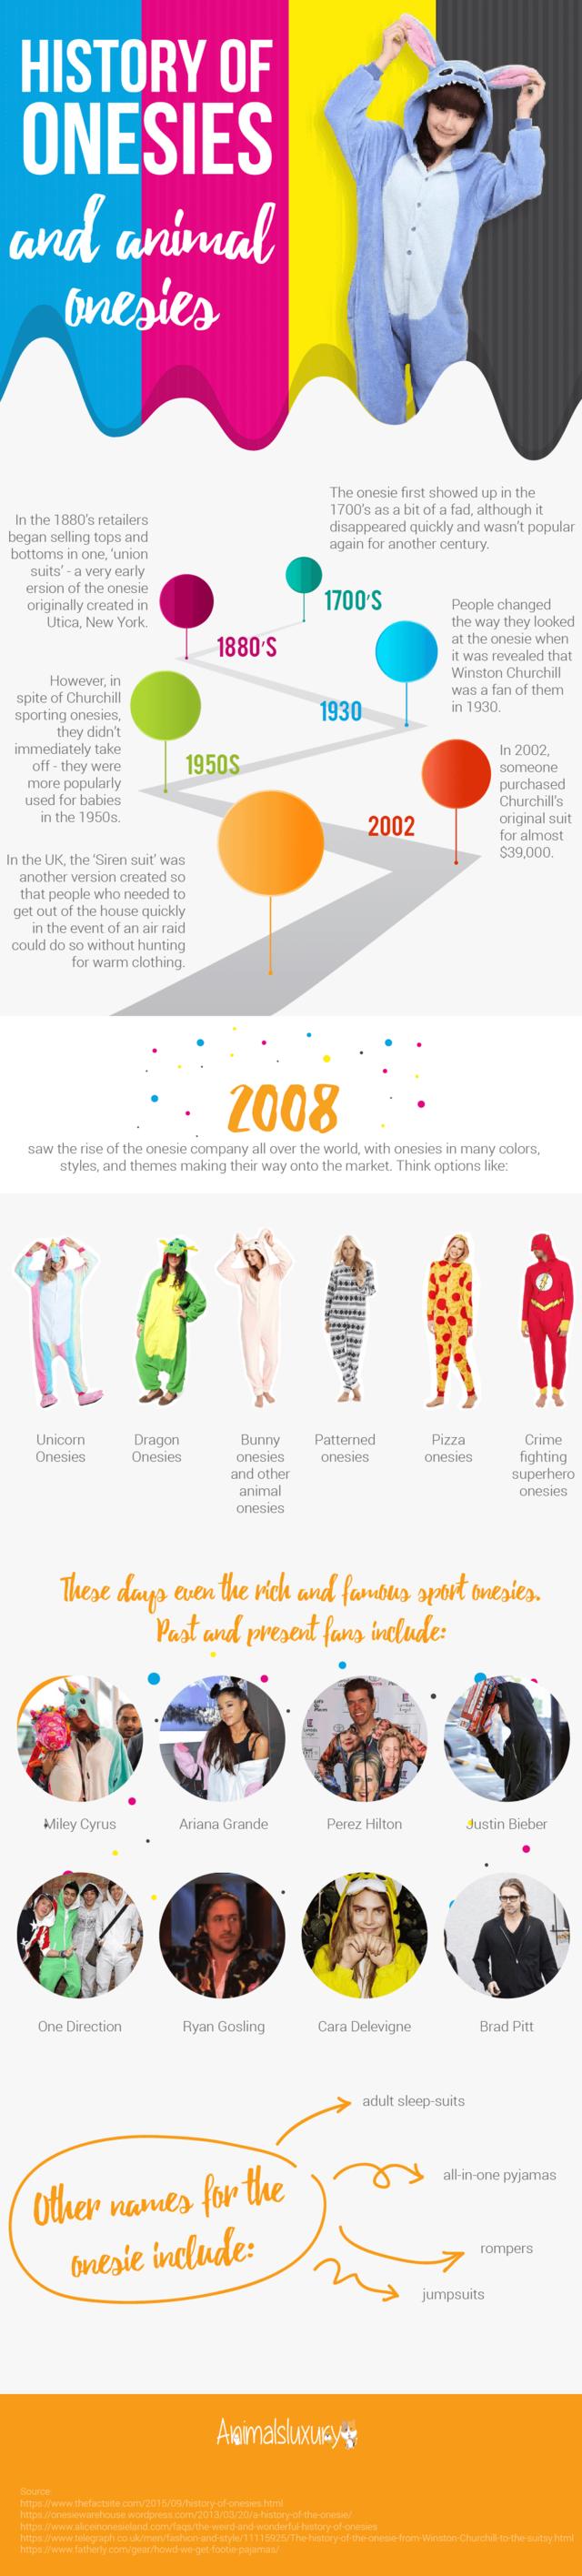 Onesies history infographic